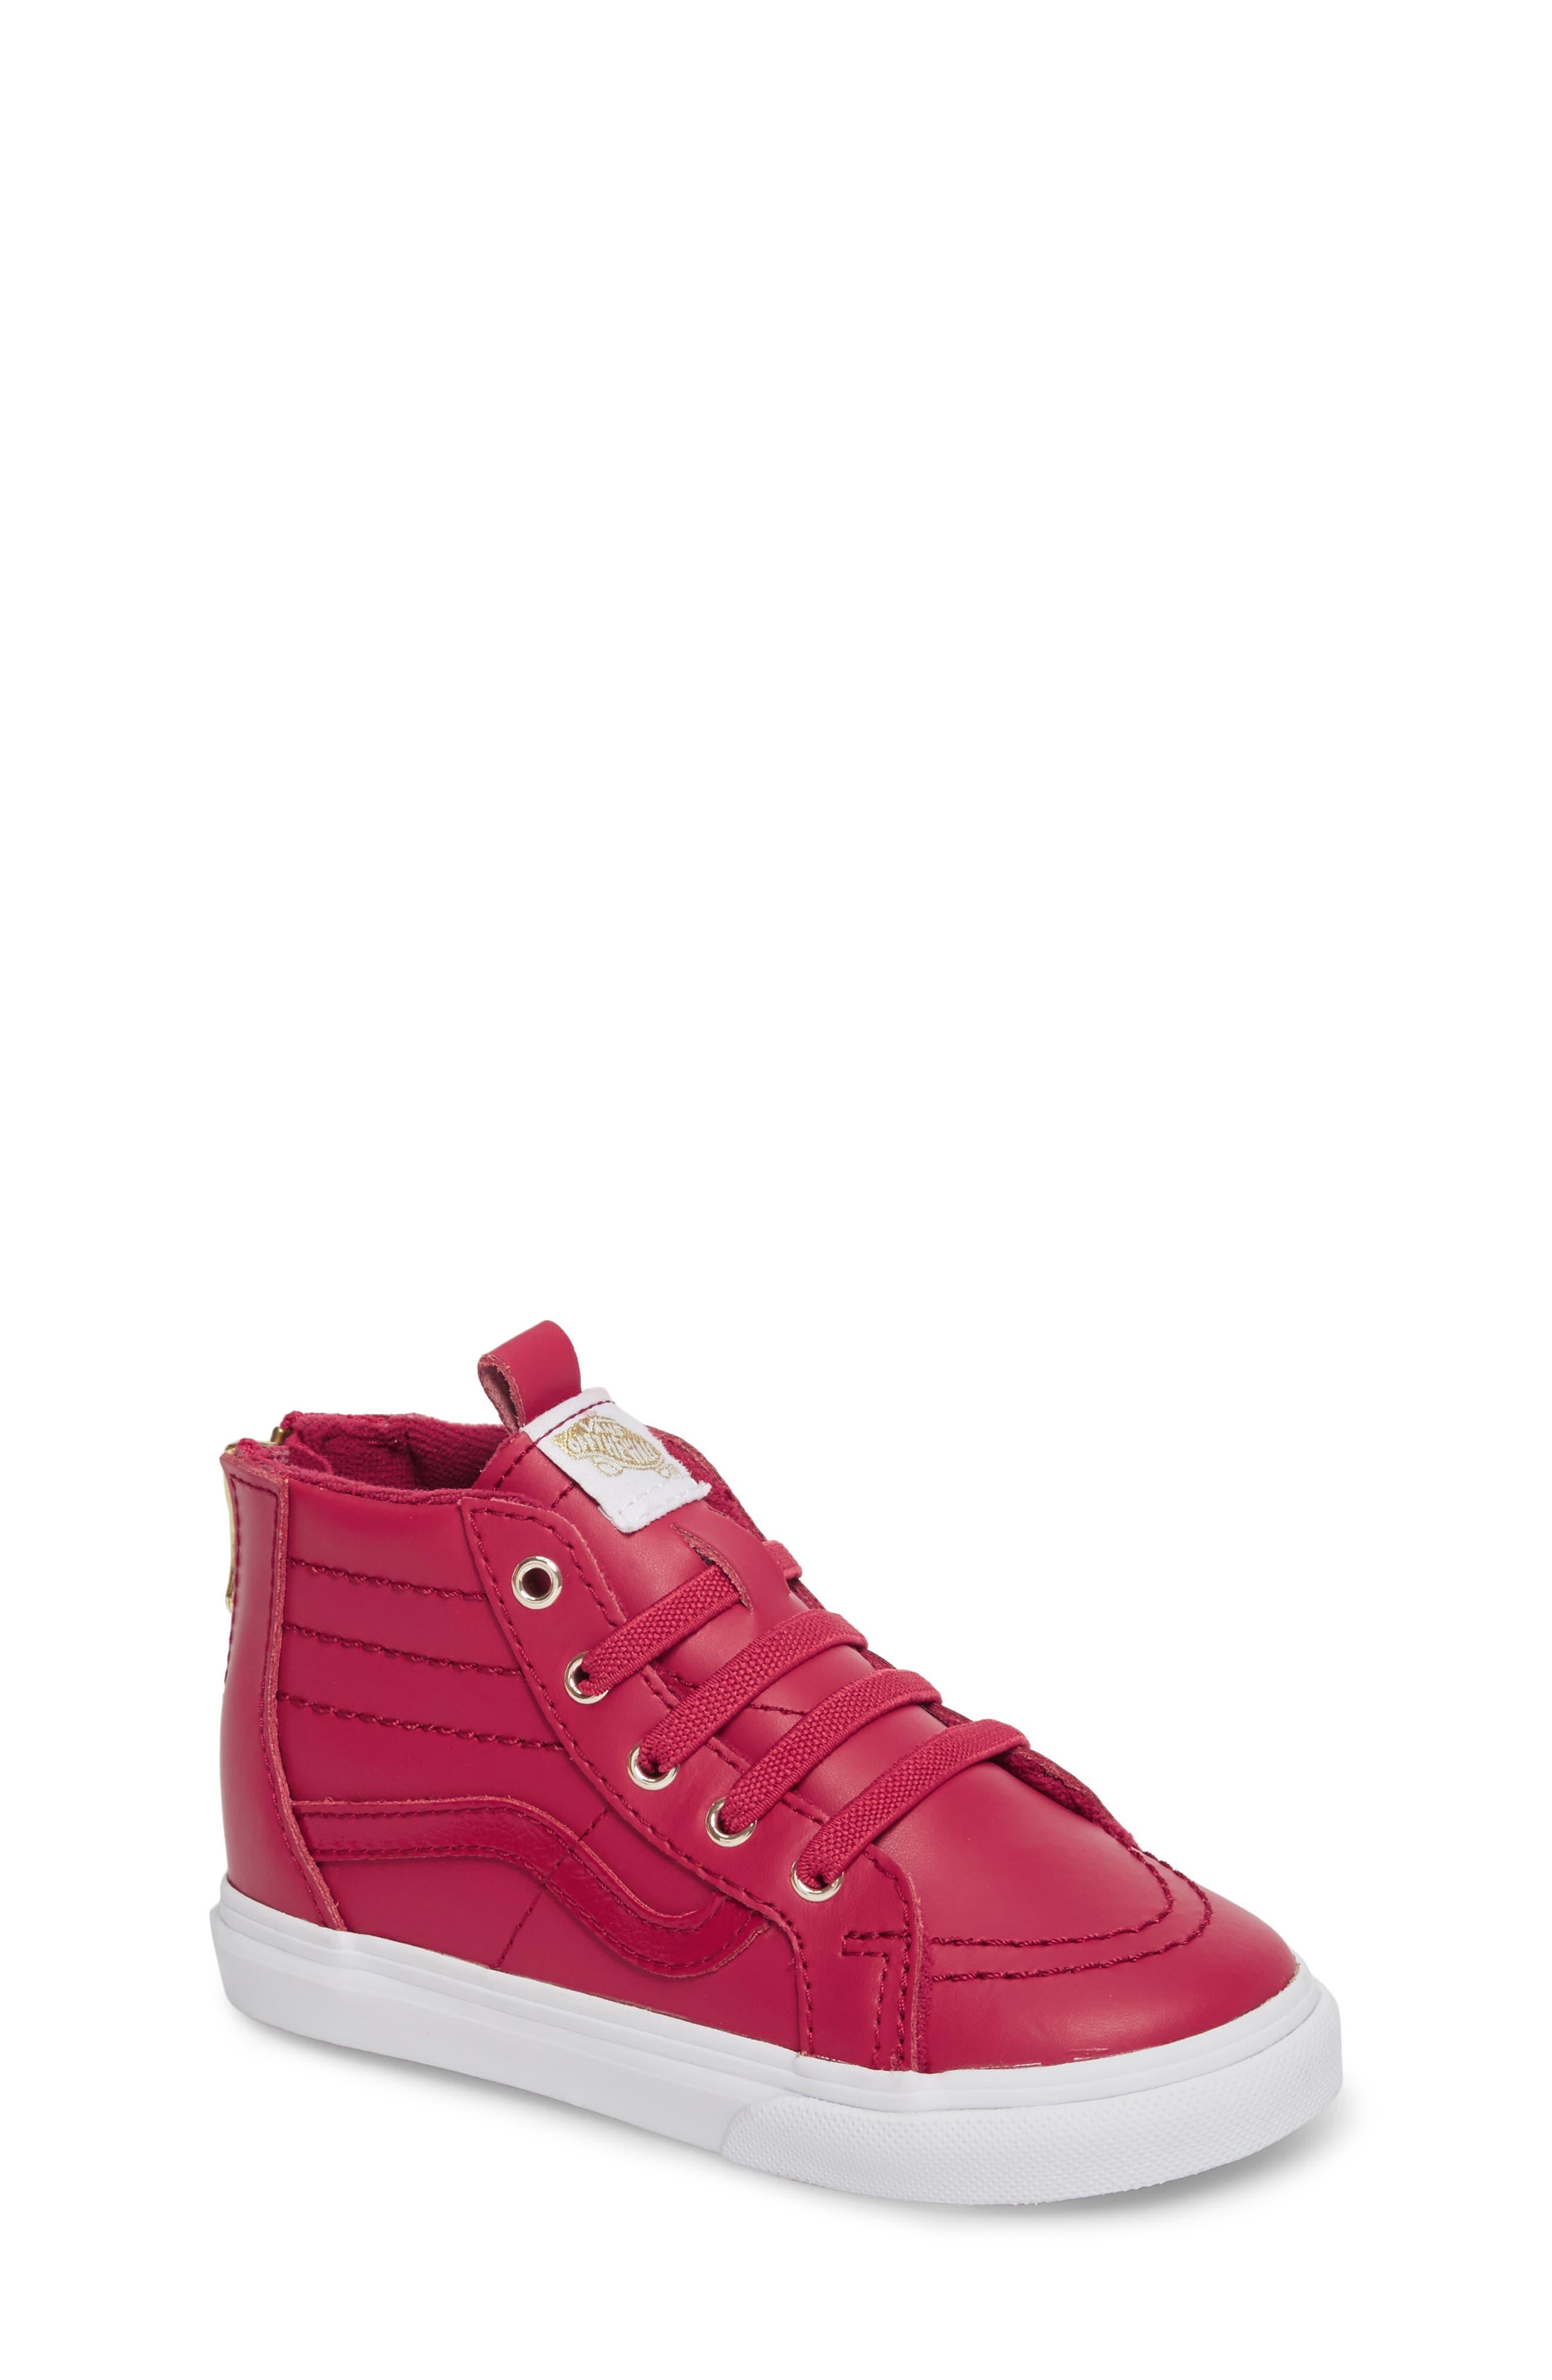 SK8-Hi Zip Sneaker,                             Main thumbnail 1, color,                             610